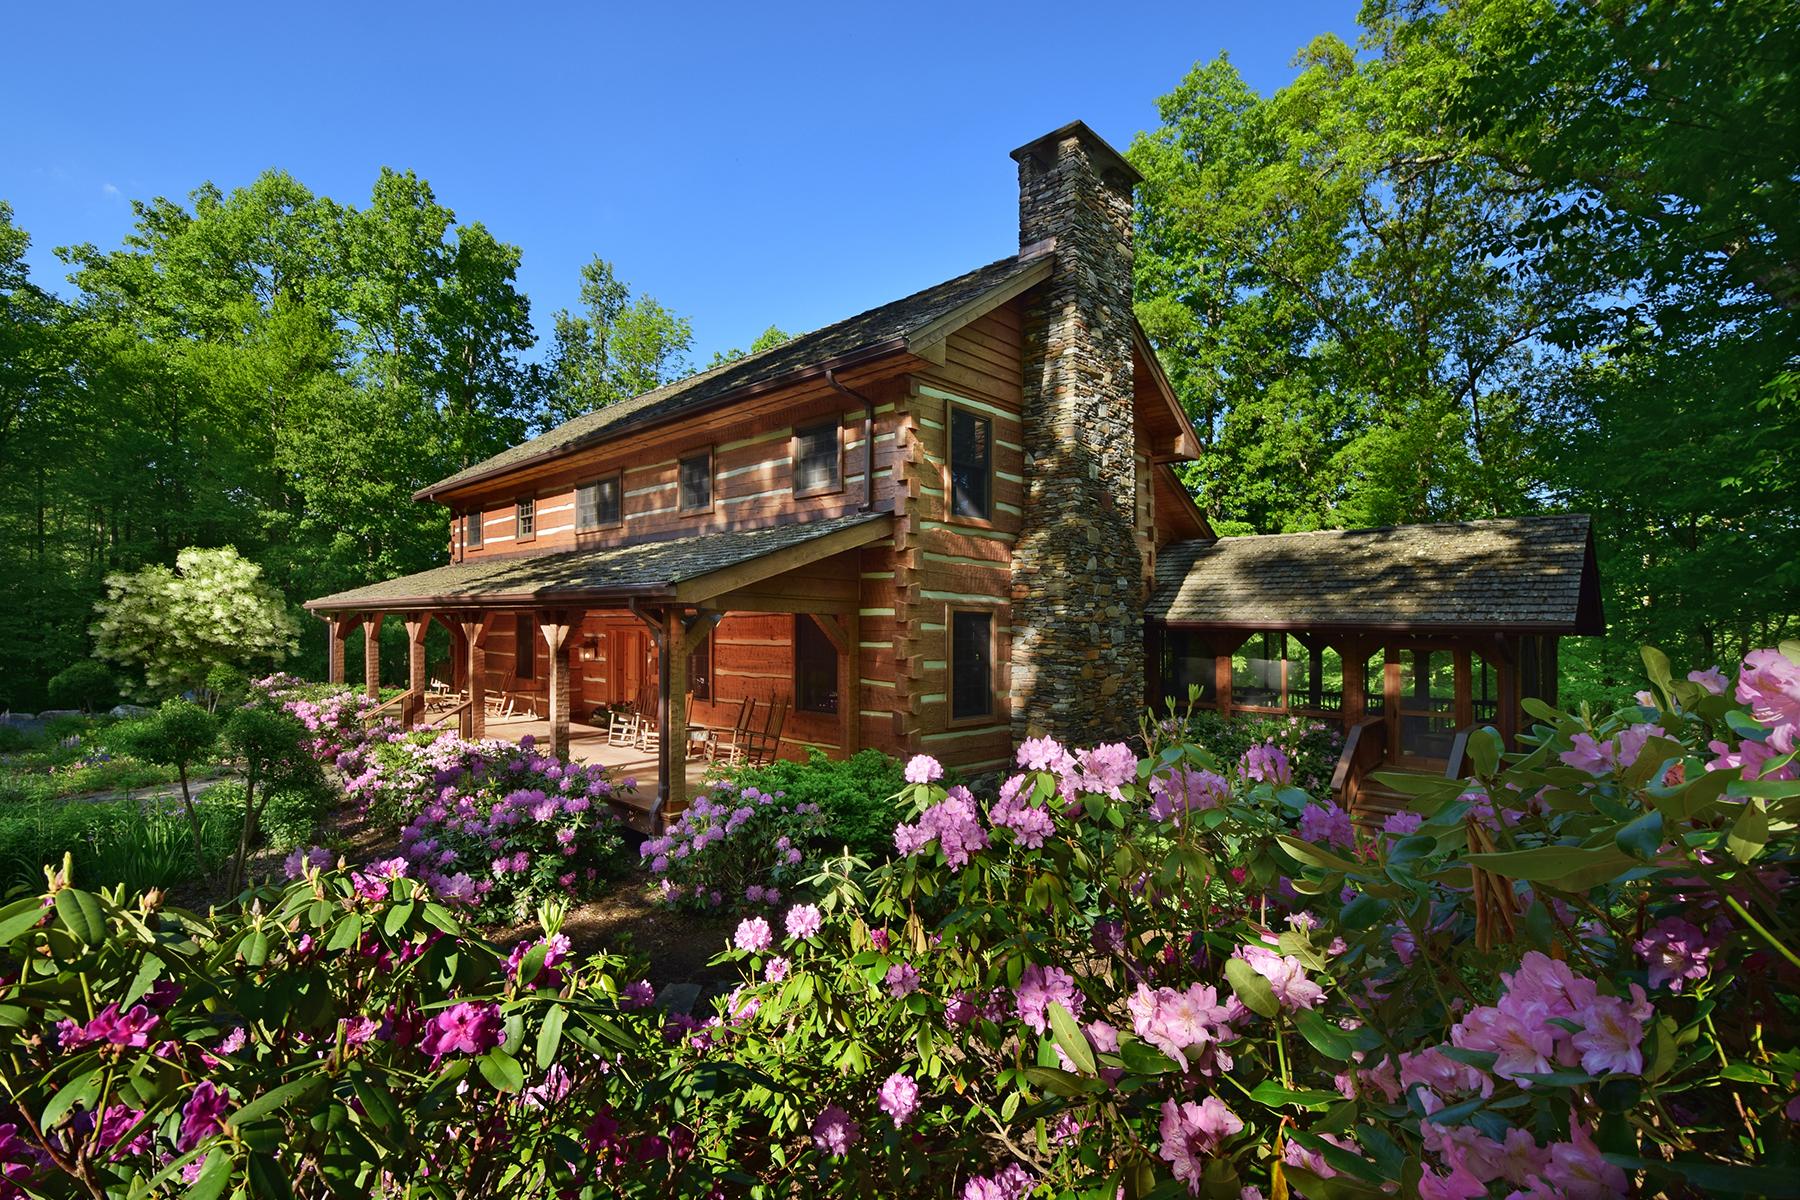 Single Family Home for Sale at BANNER ELK 7600 Nc Highway 194s, Banner Elk, North Carolina 28604 United States